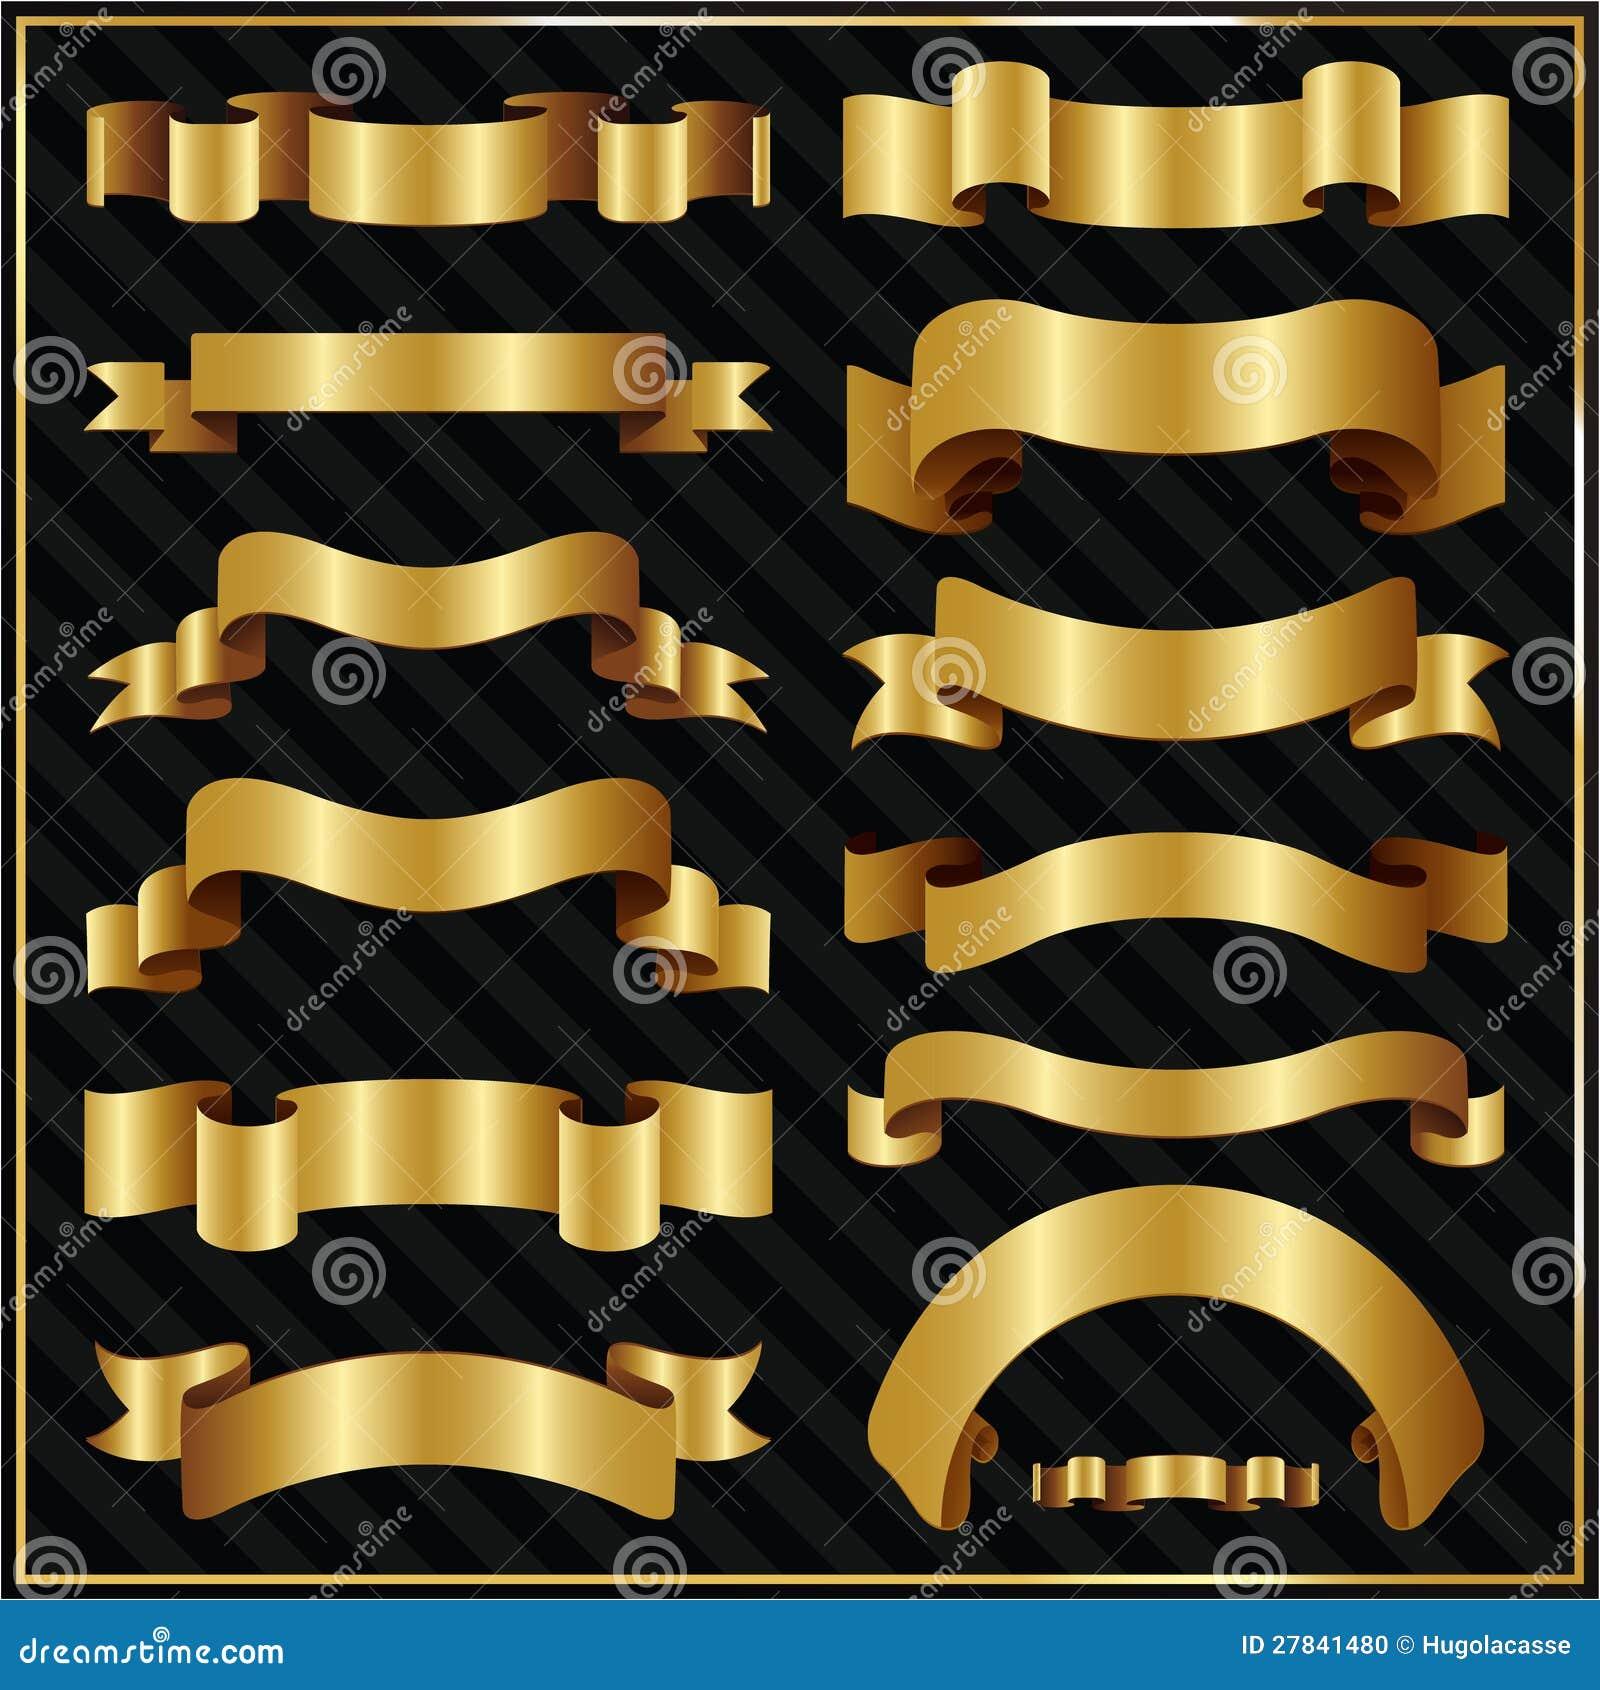 Nastri decorati decorativi dell 39 oro illustrazione vettoriale illustrazione di illustrazione - Nastri decorativi natalizi ...